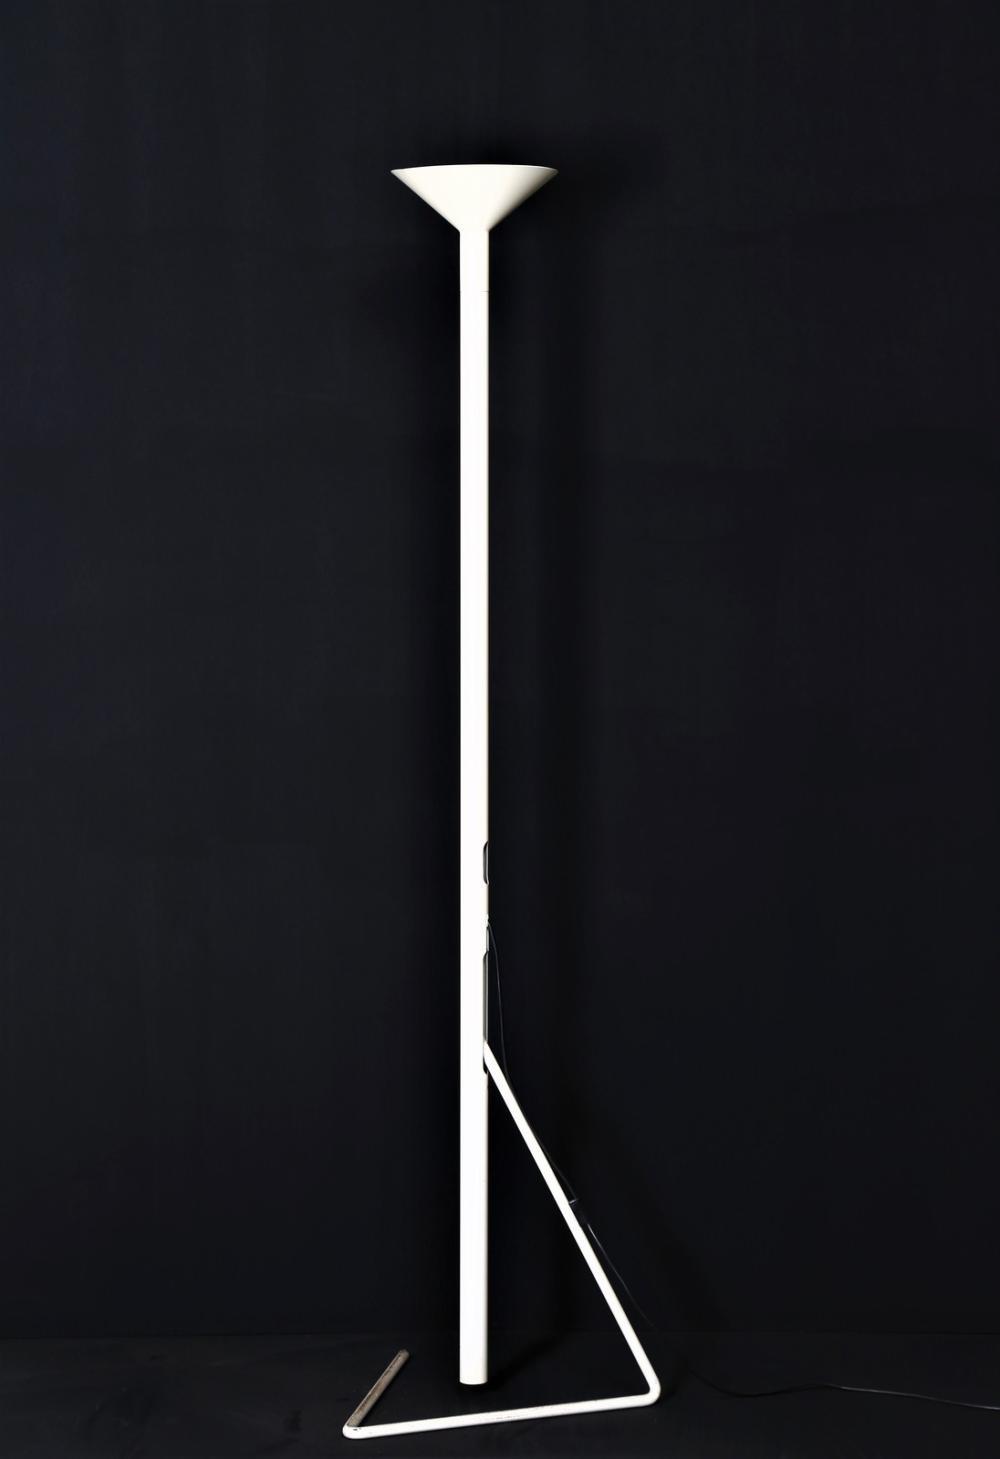 MARTINELLI ELIO (1921 - 2004) Floor lamp